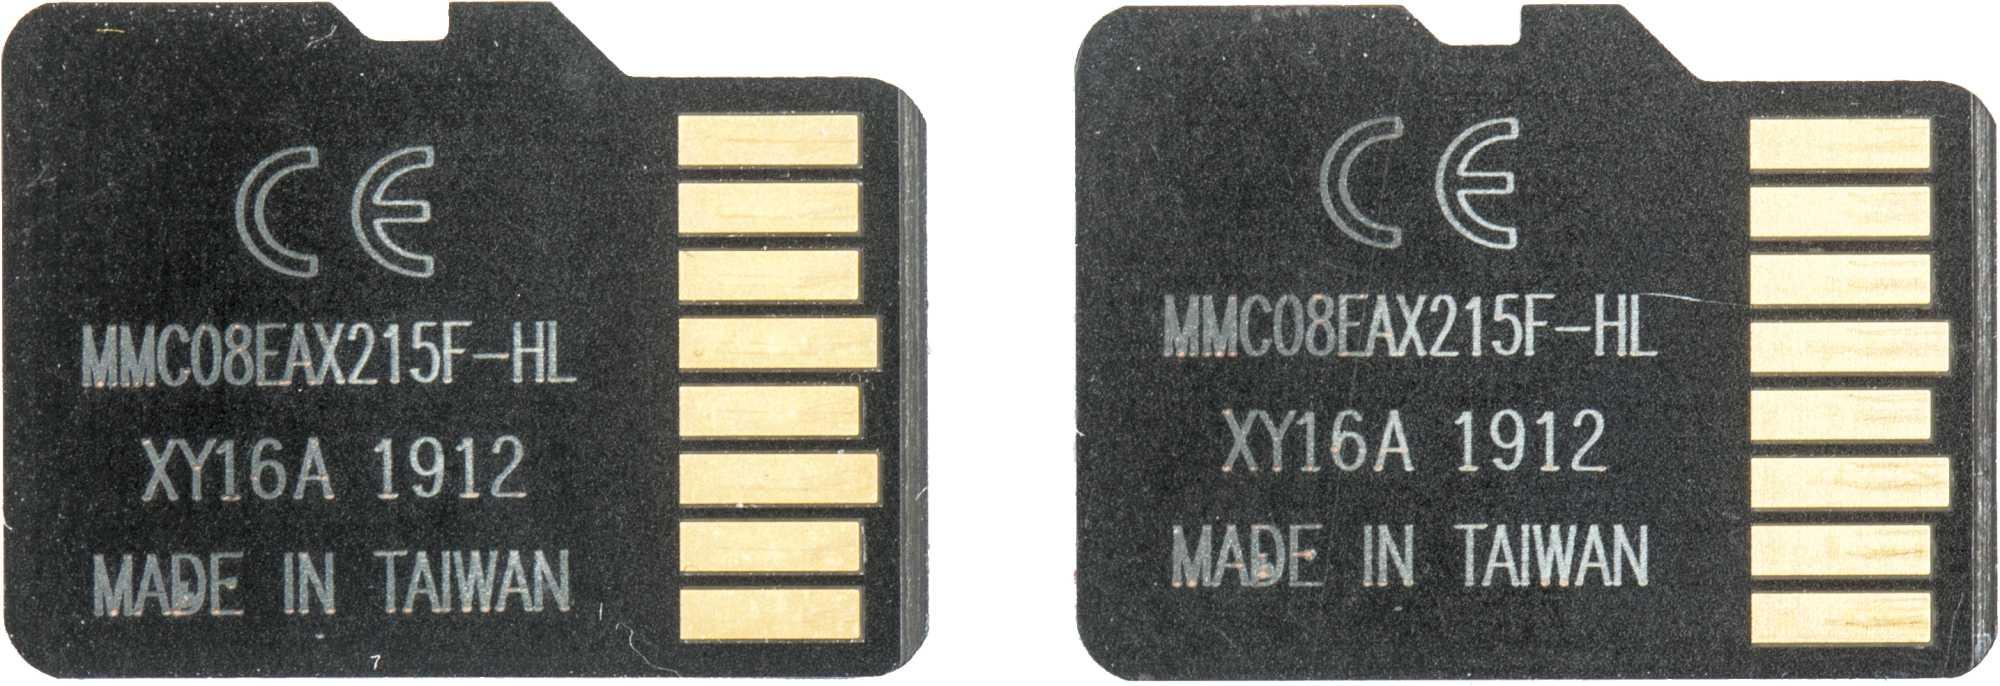 Die gefälschten MicroSD-Karten mit Logos von Kingston und Samsung tragen auf ihren Rückseiten dieselben Typenbezeichnungen.